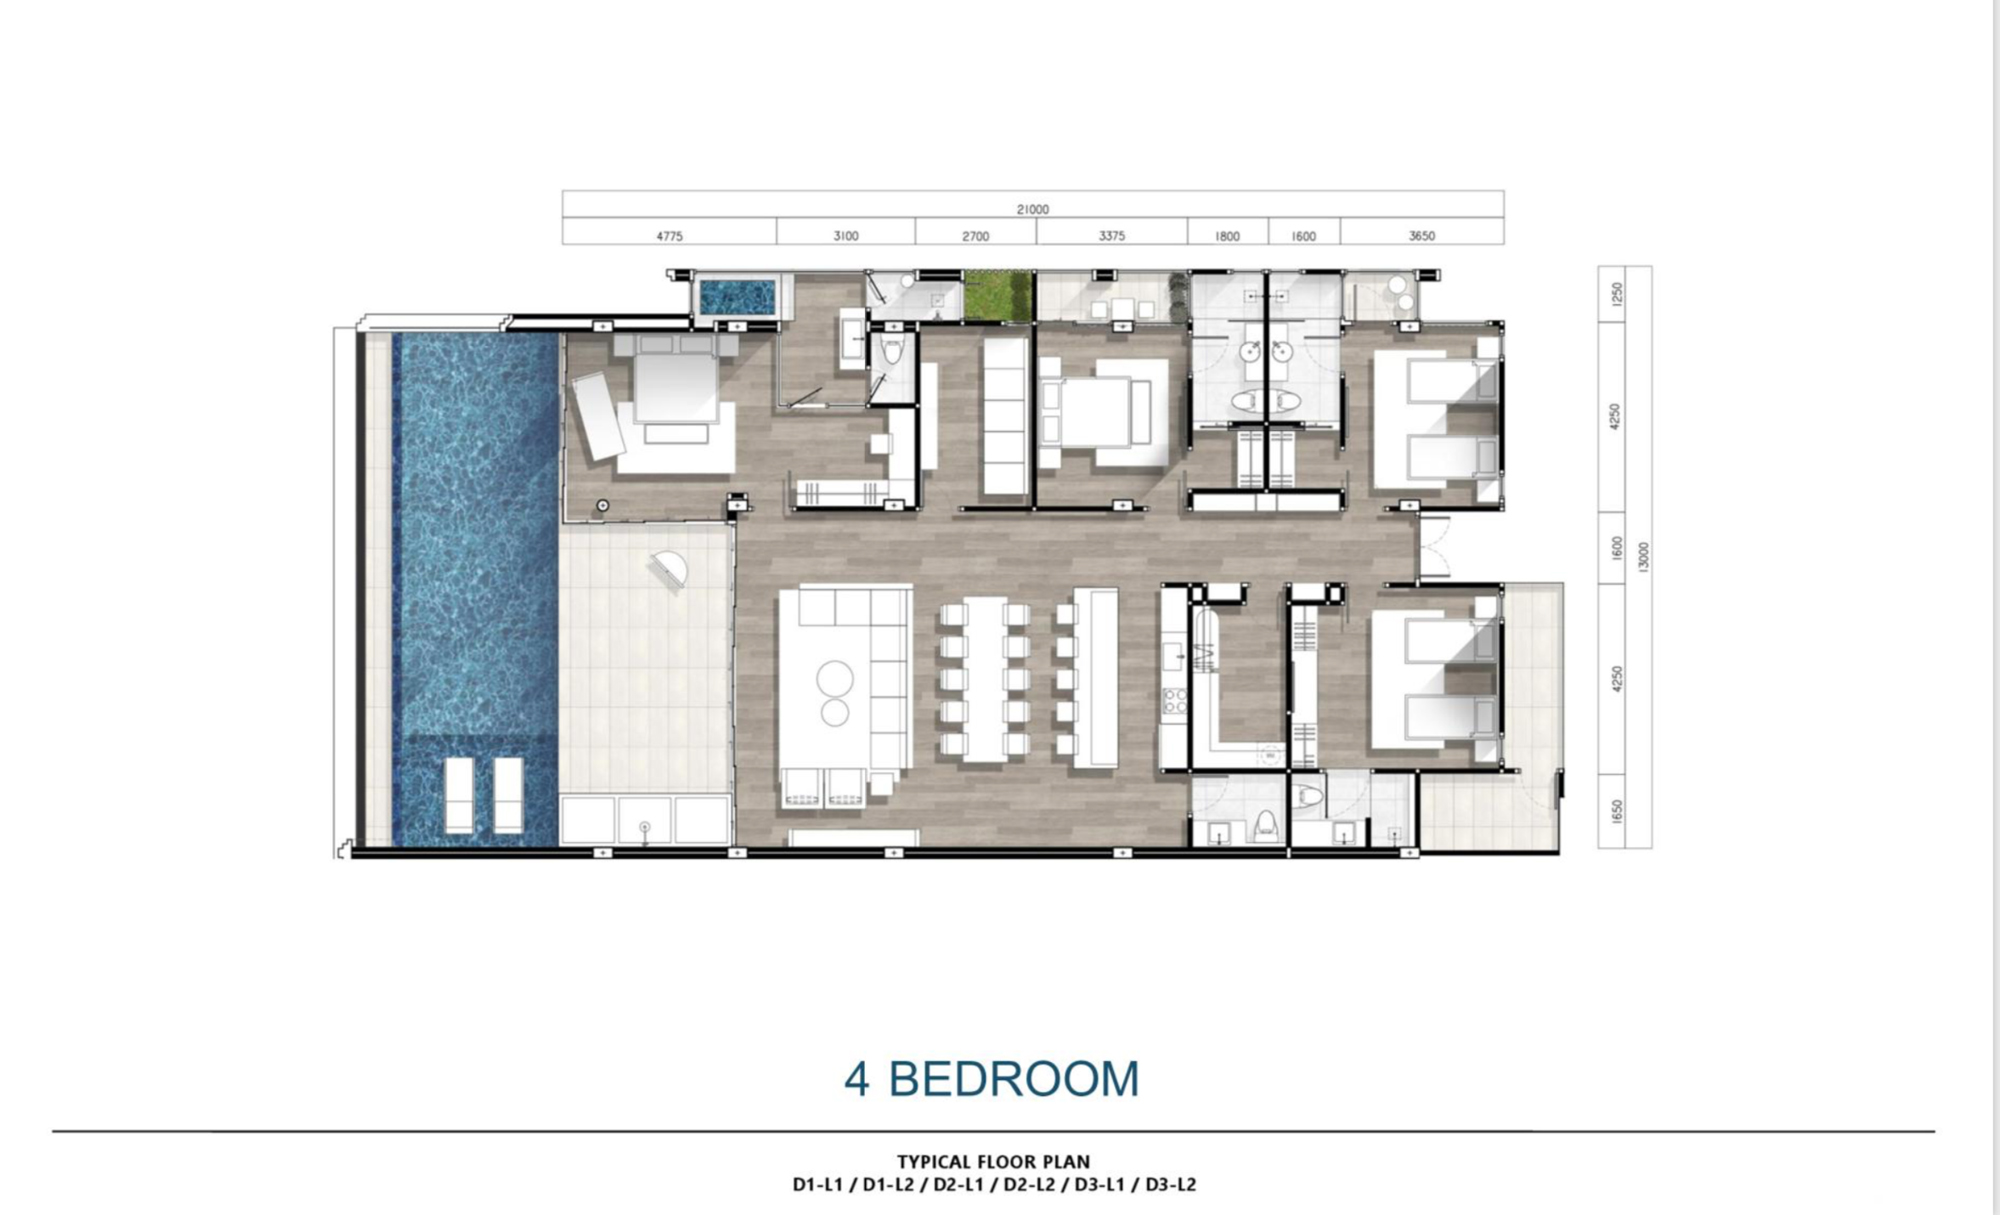 4 Bedroom Condo